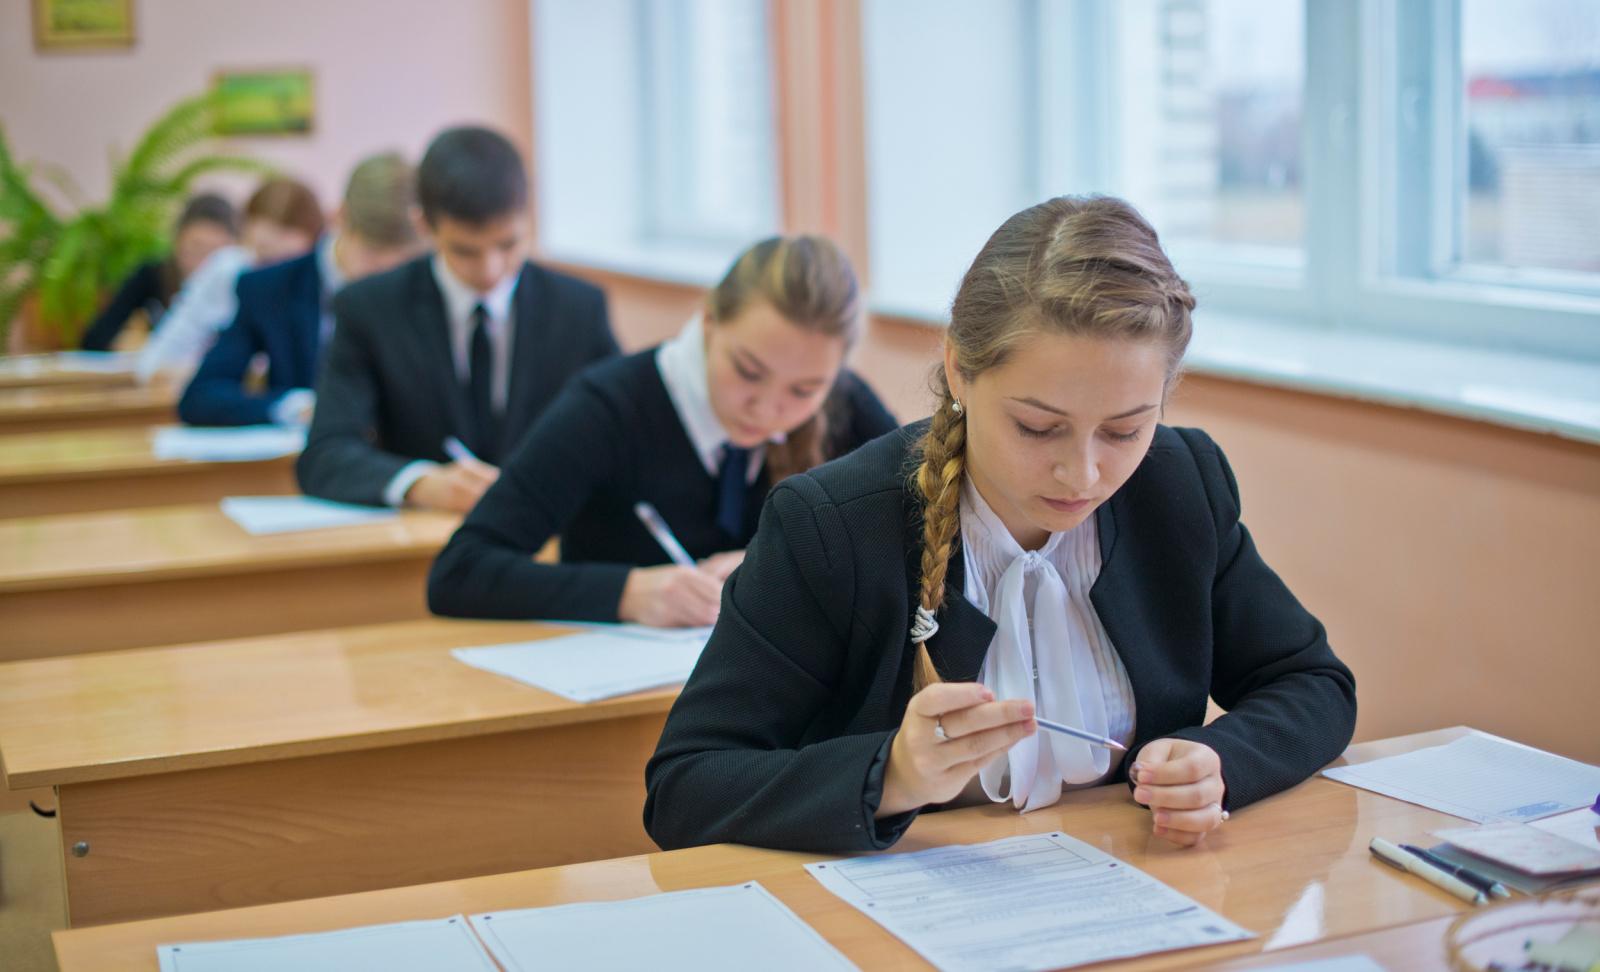 Итоговое сочинение в российских школах перенесли на 15 апреля